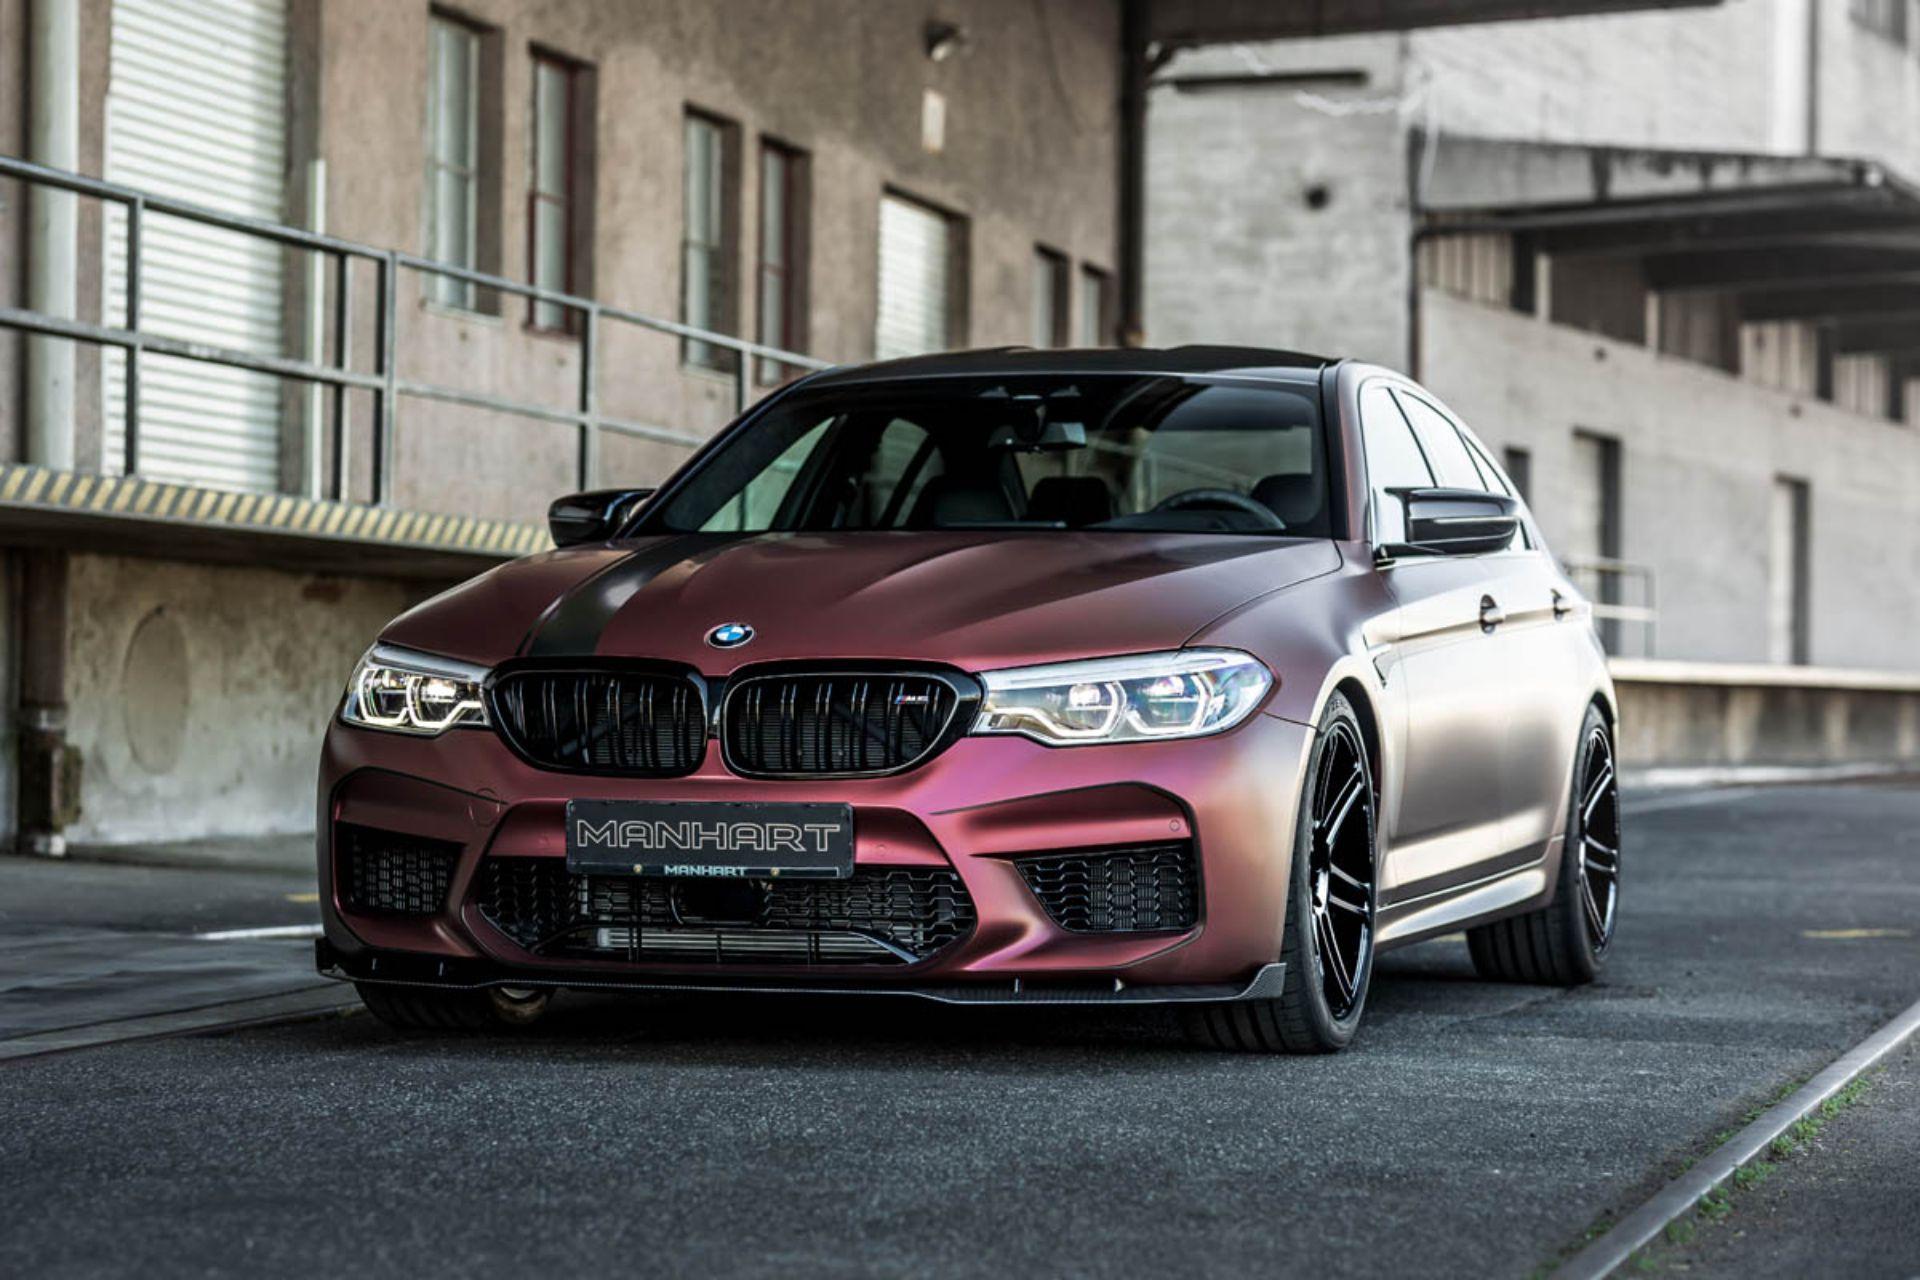 Около трёх лет назад ателье Manhart представило пакет опций MH5 700 для BMW M5 в кузове F90 (см. видео), а теперь обновило его под актуальный модельный год.